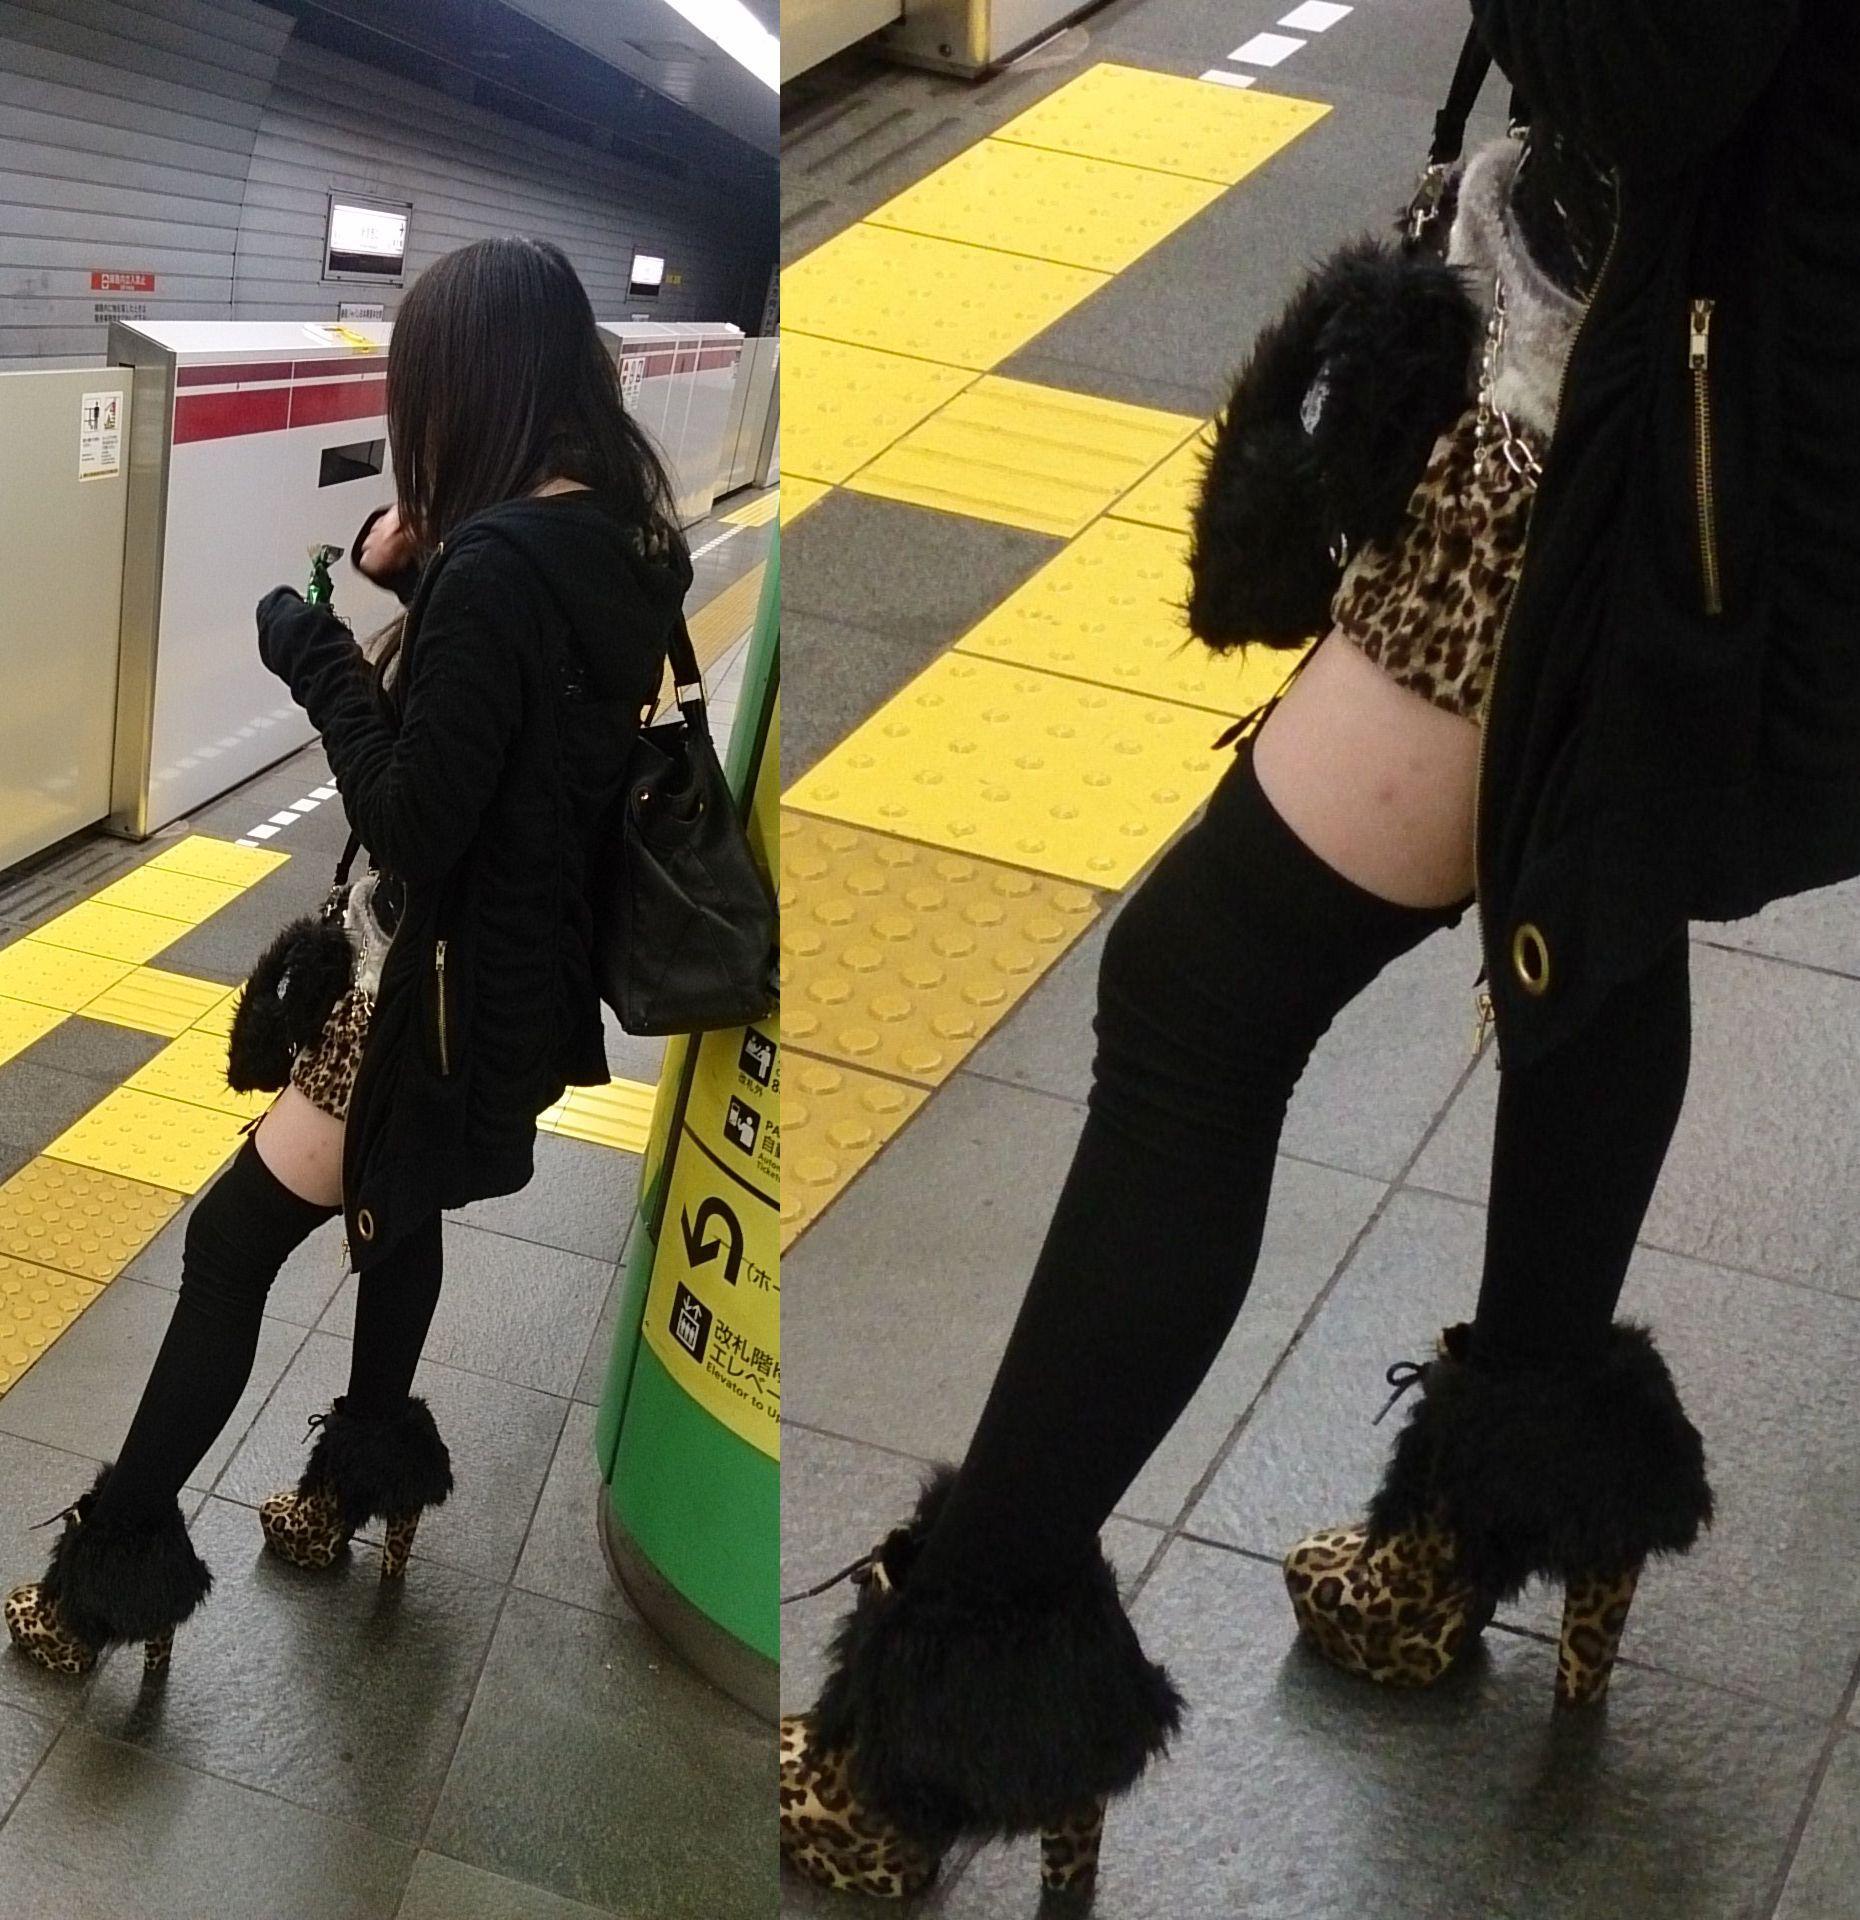 【下着エロ画像】出して歩くファッションまで!?淑女にの下半身によく似合うガーターベルトwww 01